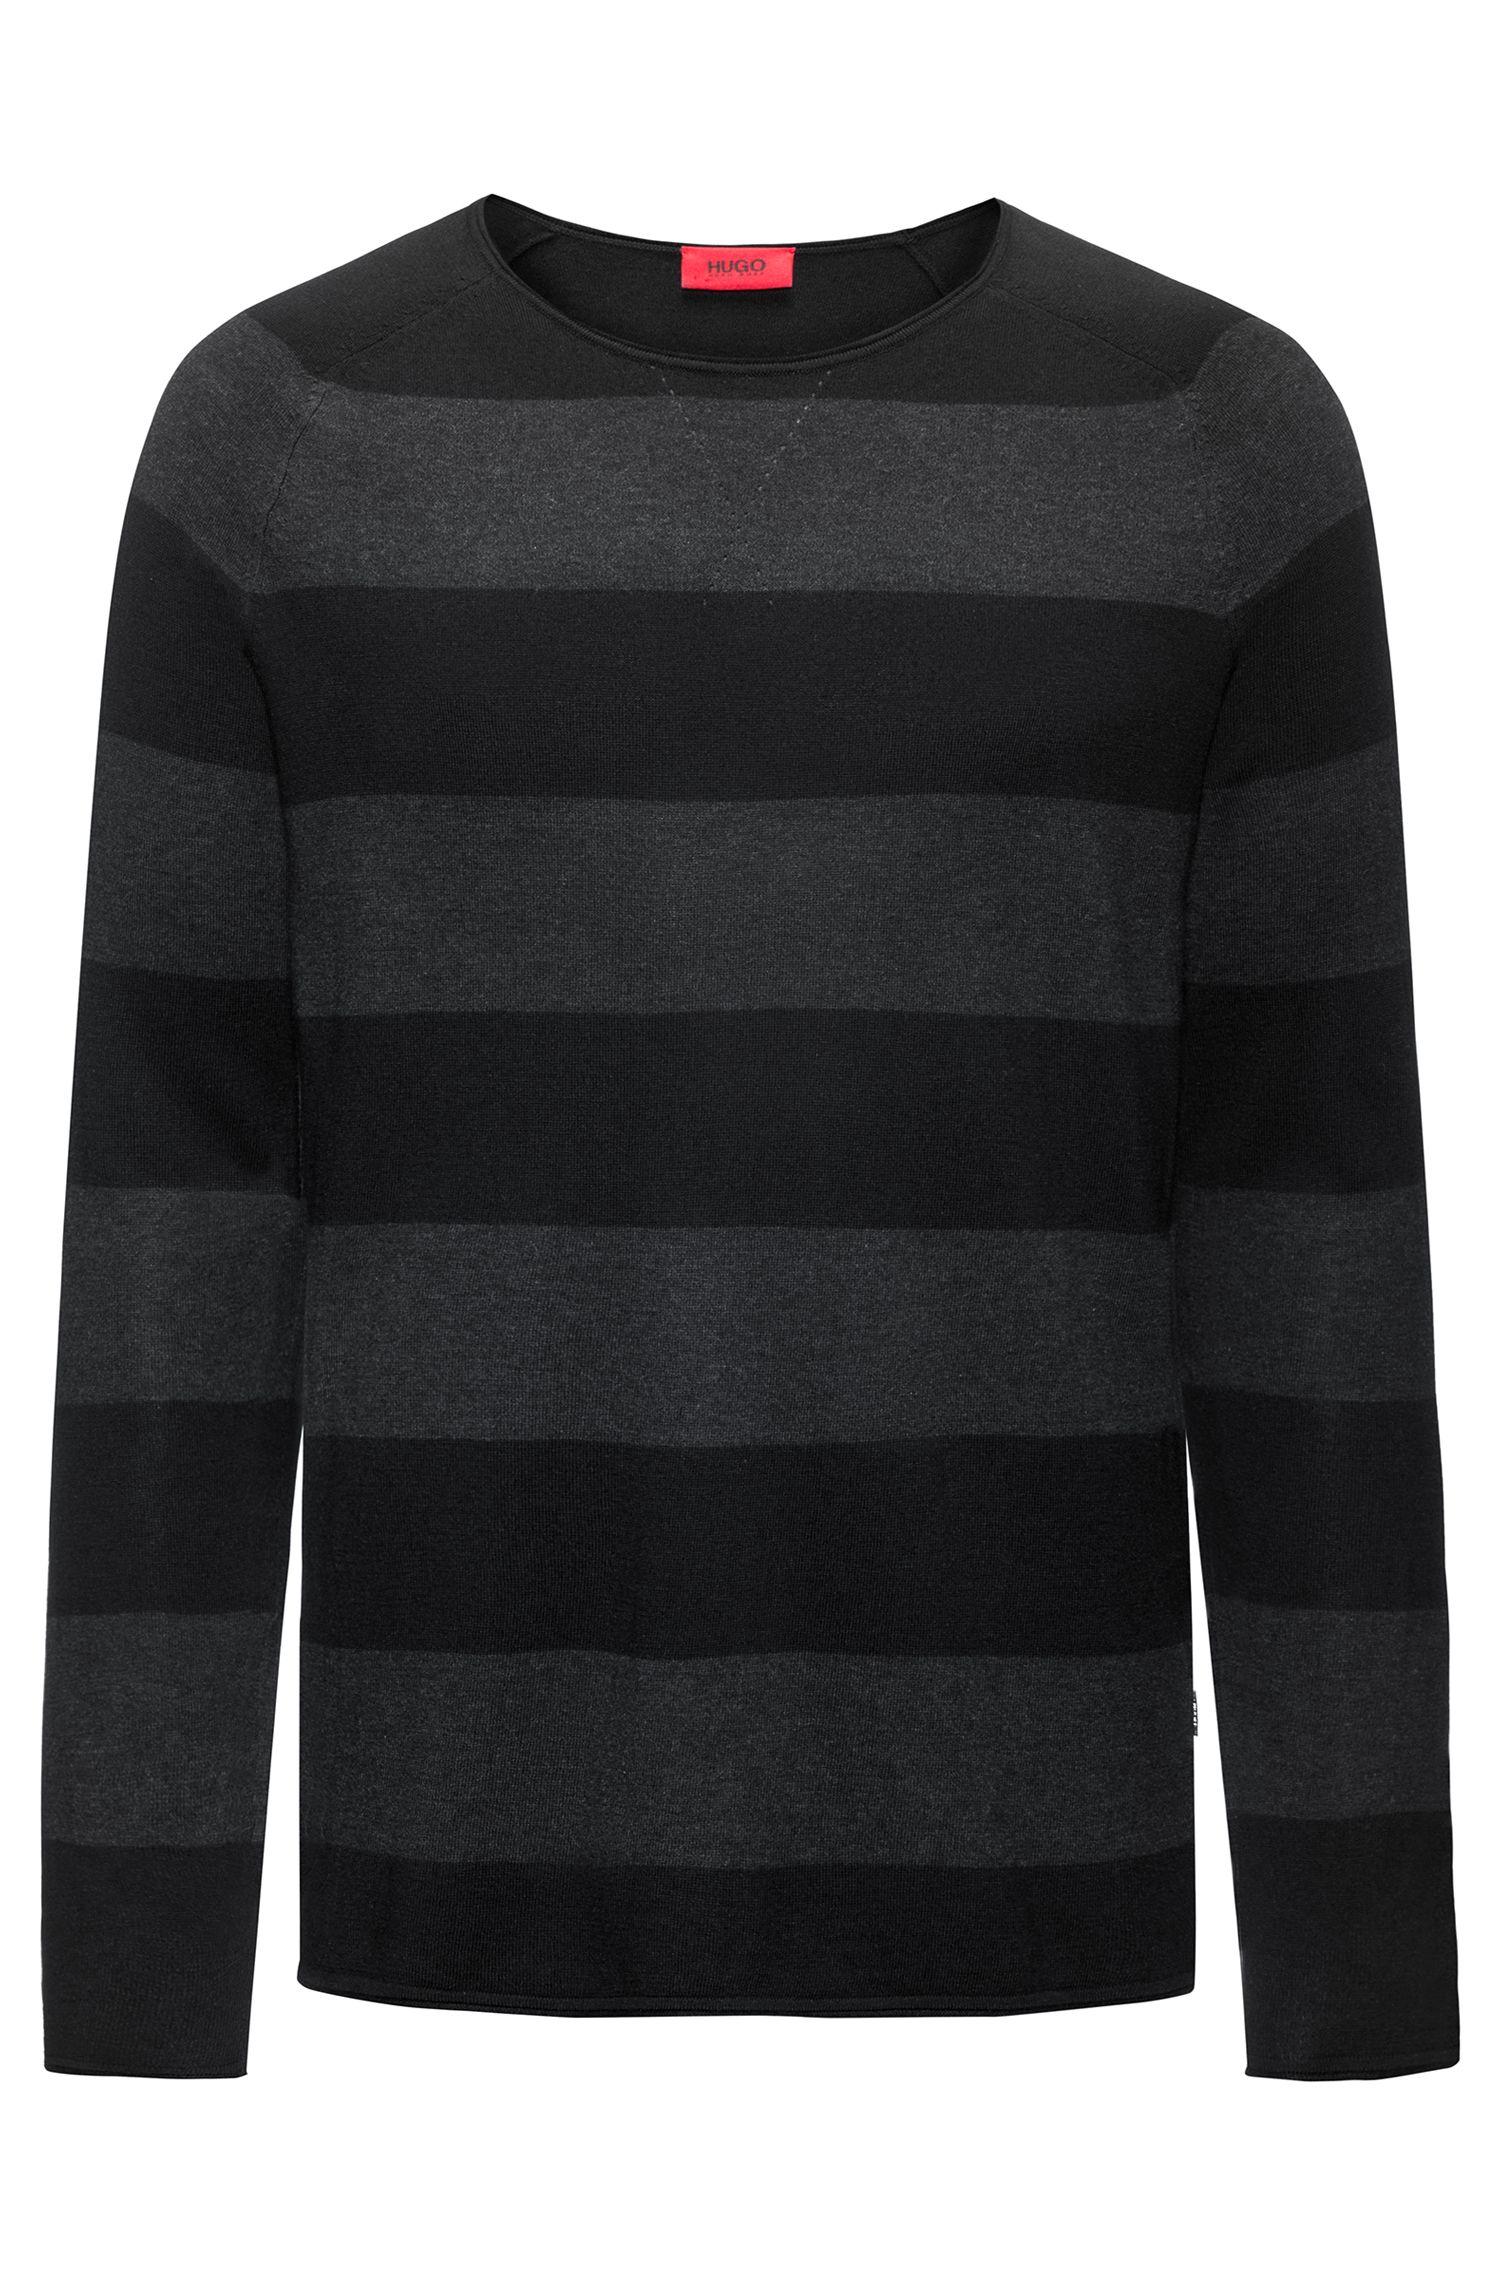 Jersey de cuello redondo con rayas anchas en mezcla de algodón